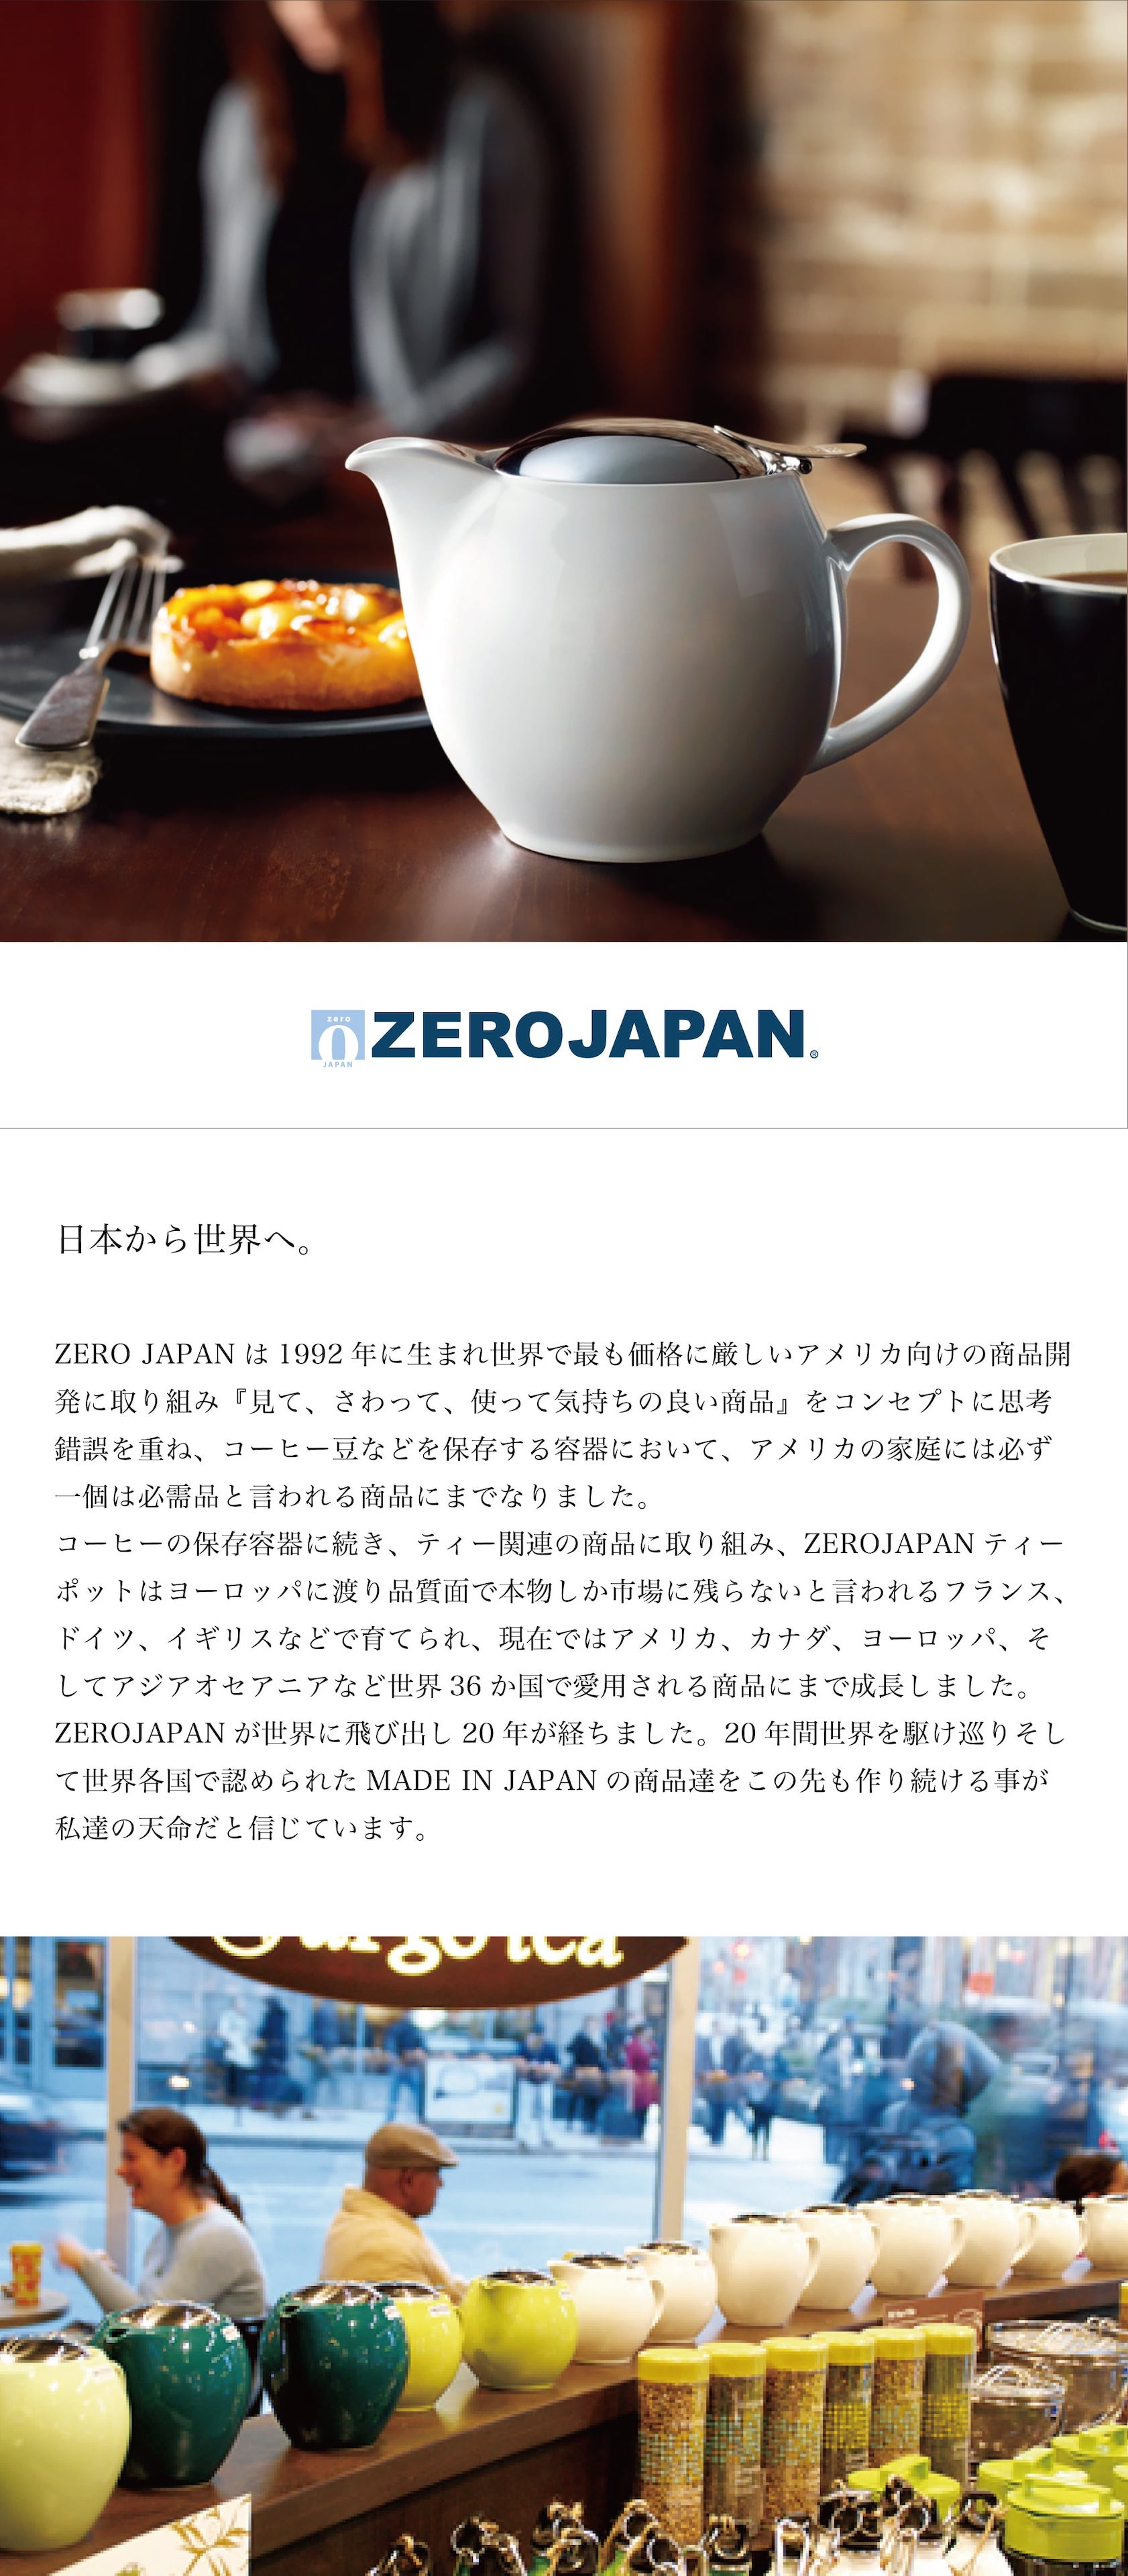 ZERO JAPANについて